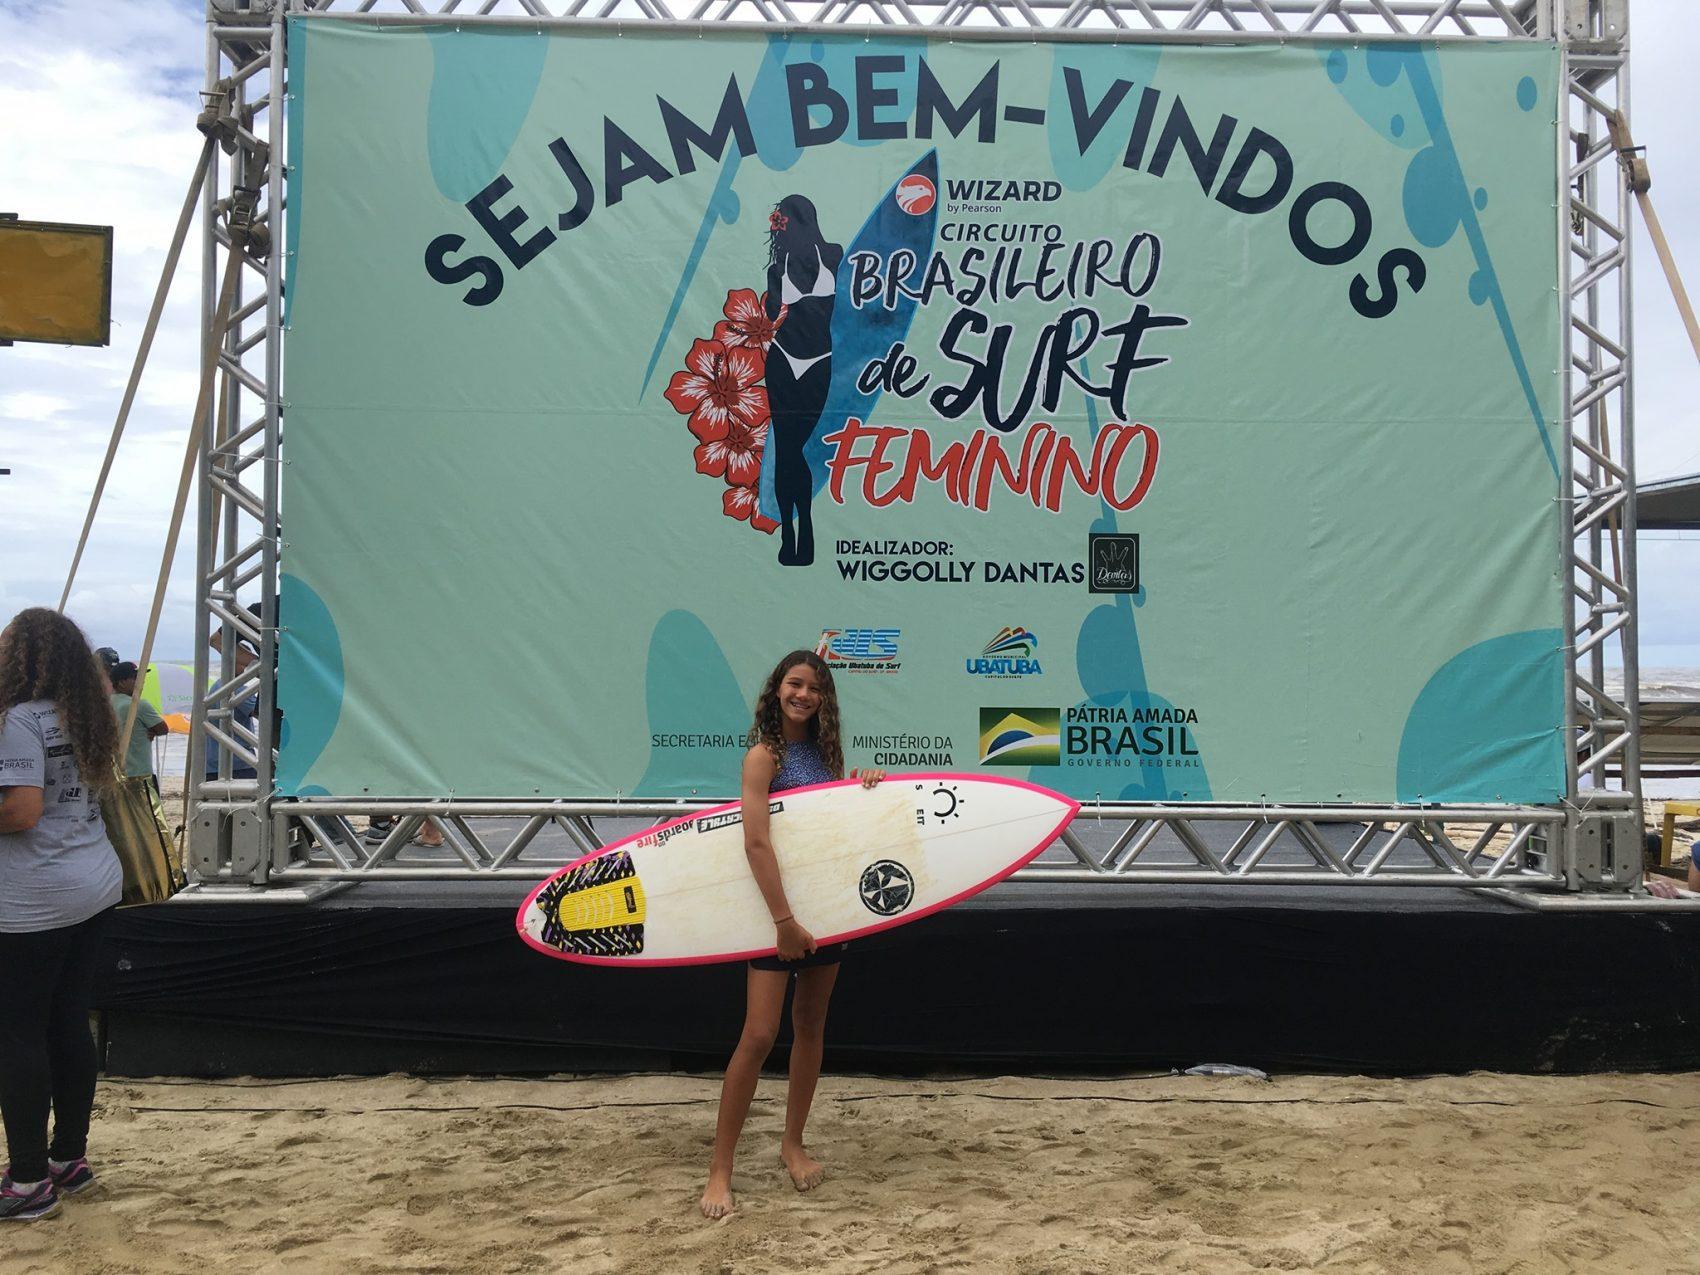 A baiana Catarina Lorenzo em campeonato de surfe em 2017: água do mar mais quente, invernos mais quentes, temporais em Salvador e consciência climática precoce (Foto: Reprodução Facebook)